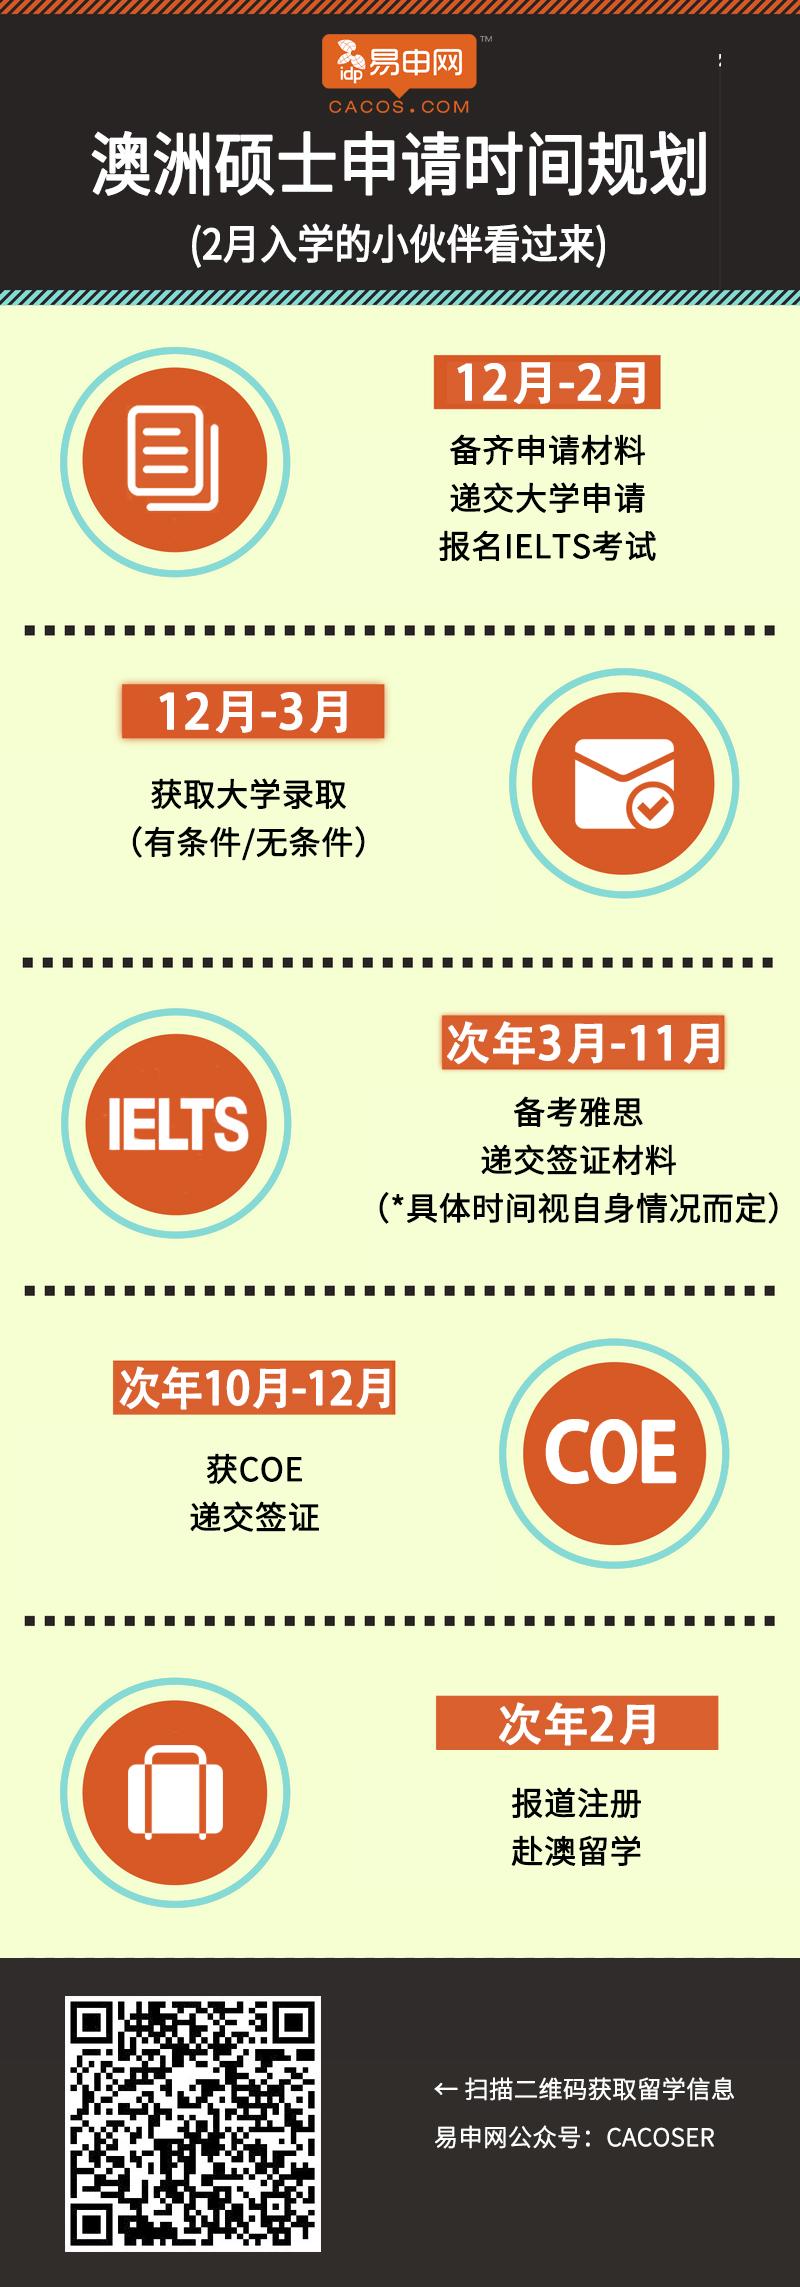 留学最大难题 留学申请流程+时间表